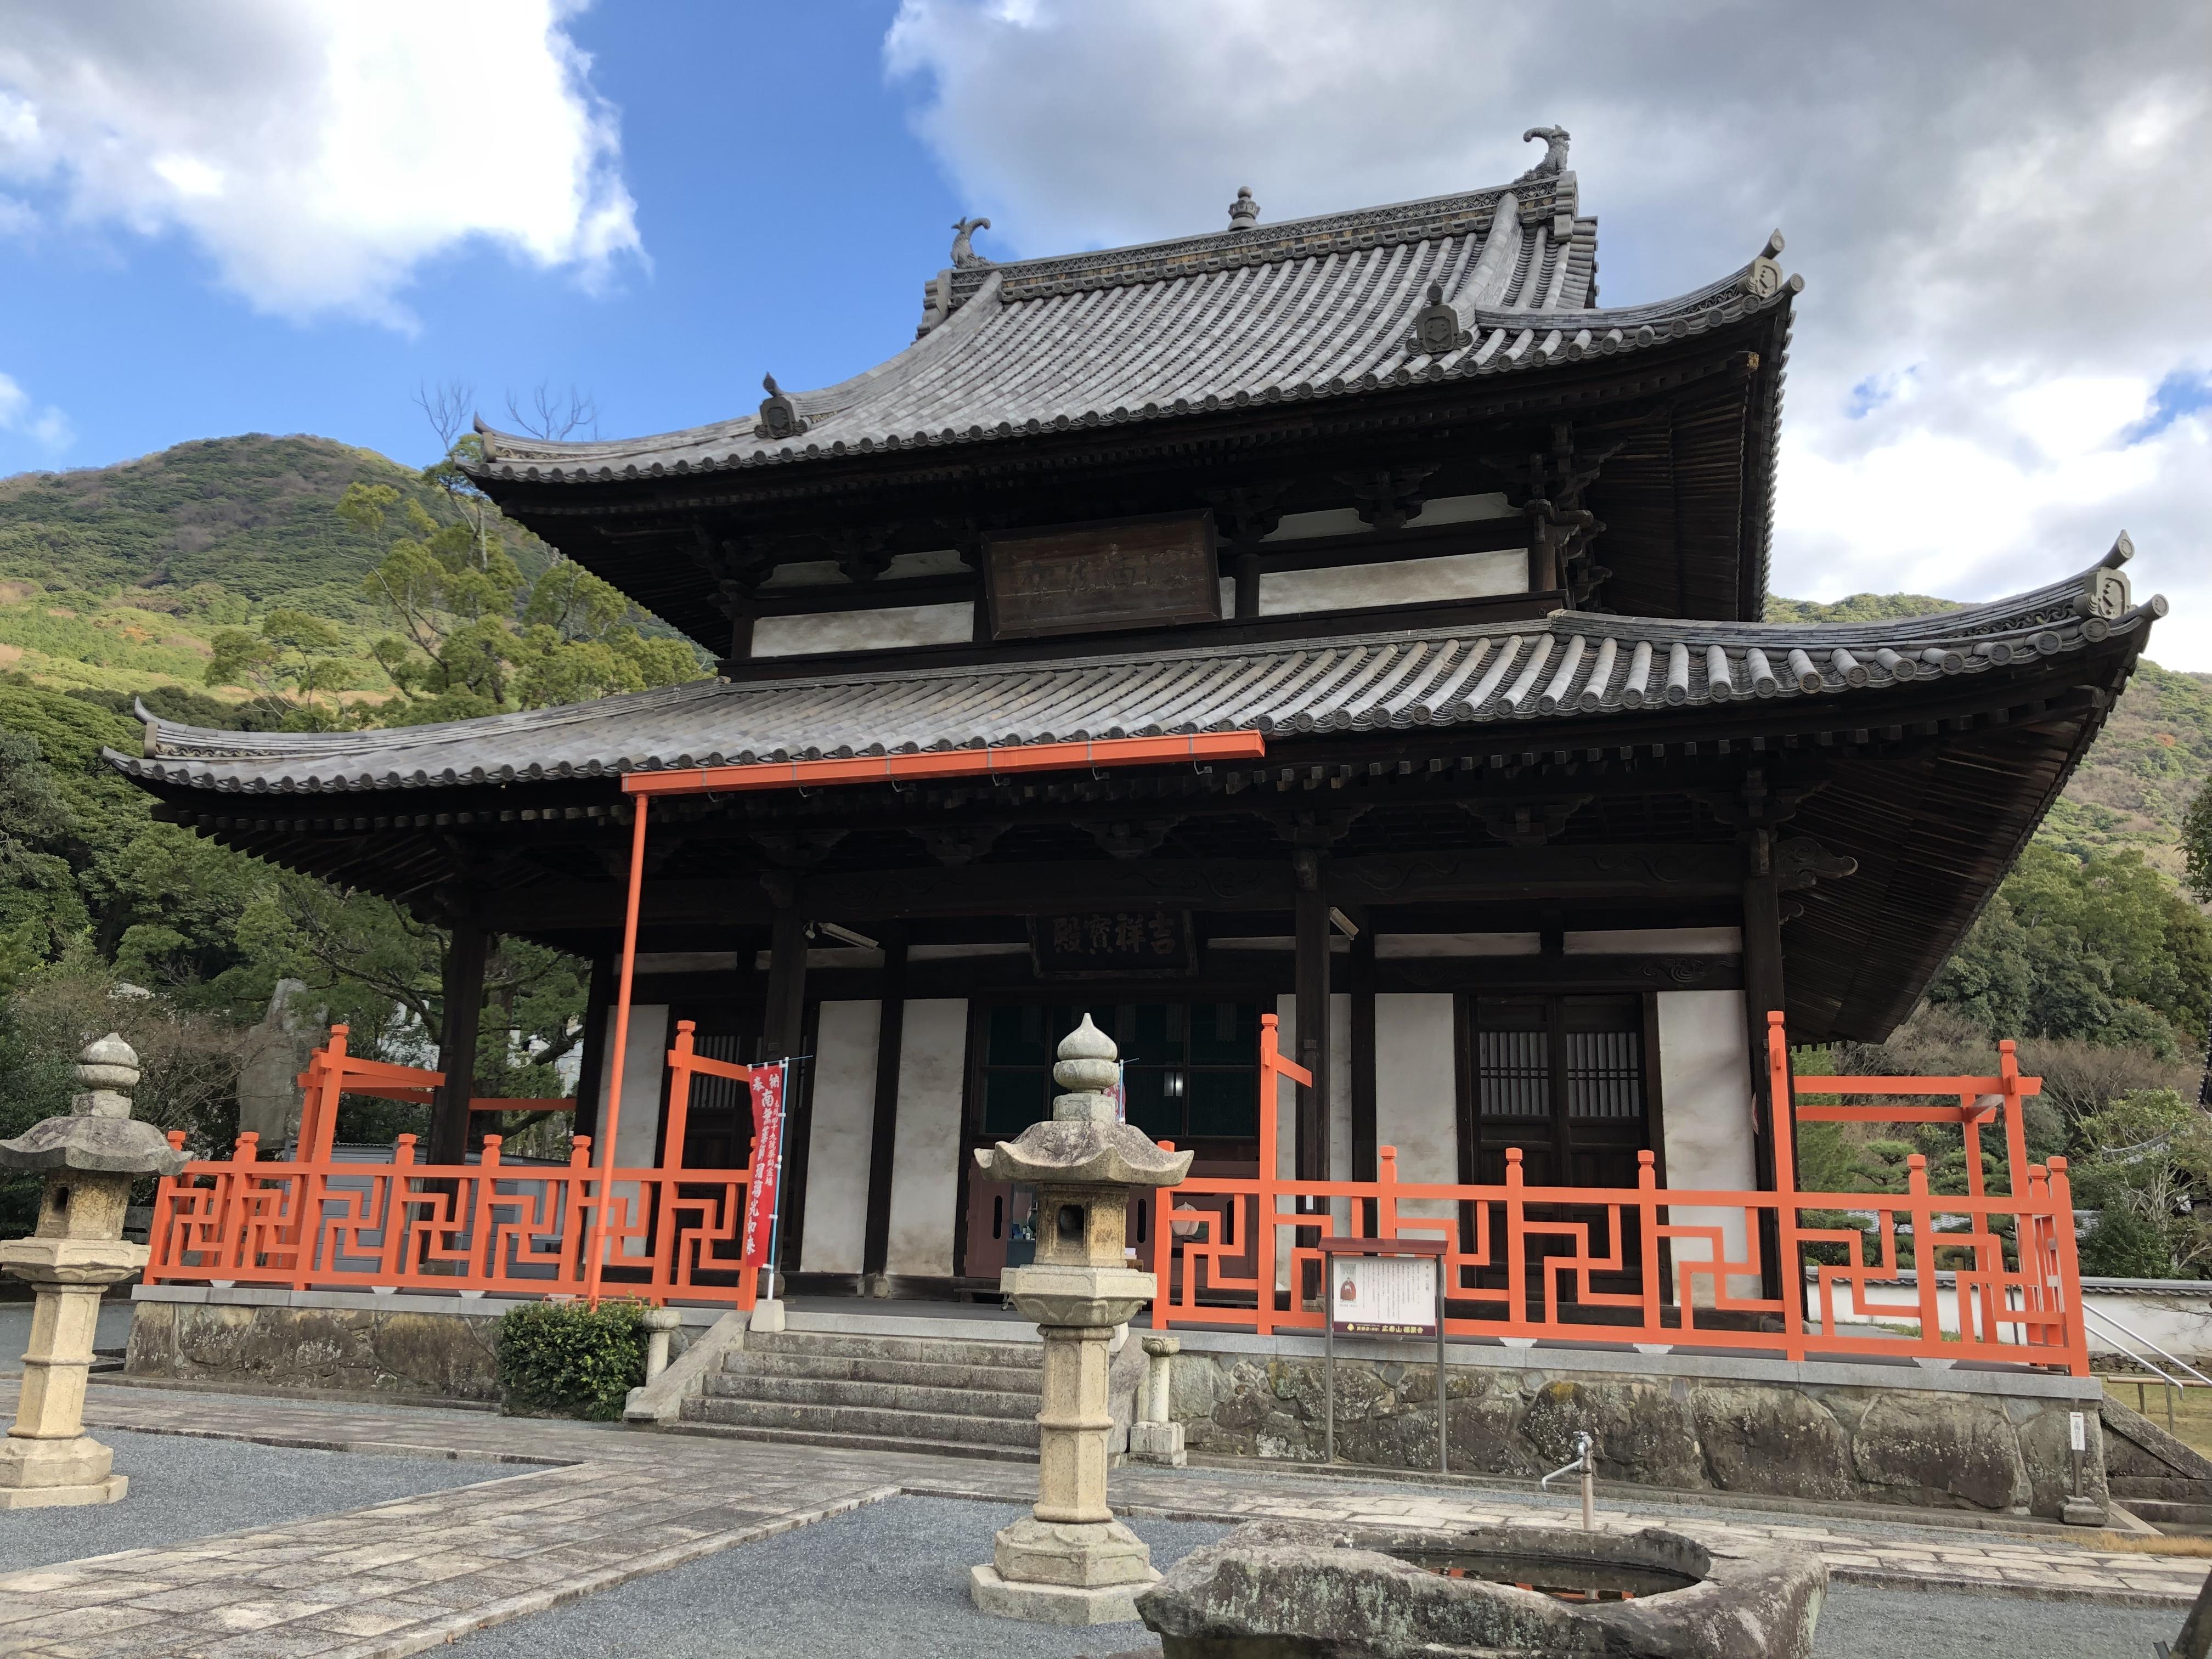 2019年参拝。黄檗宗広寿山福聚寺